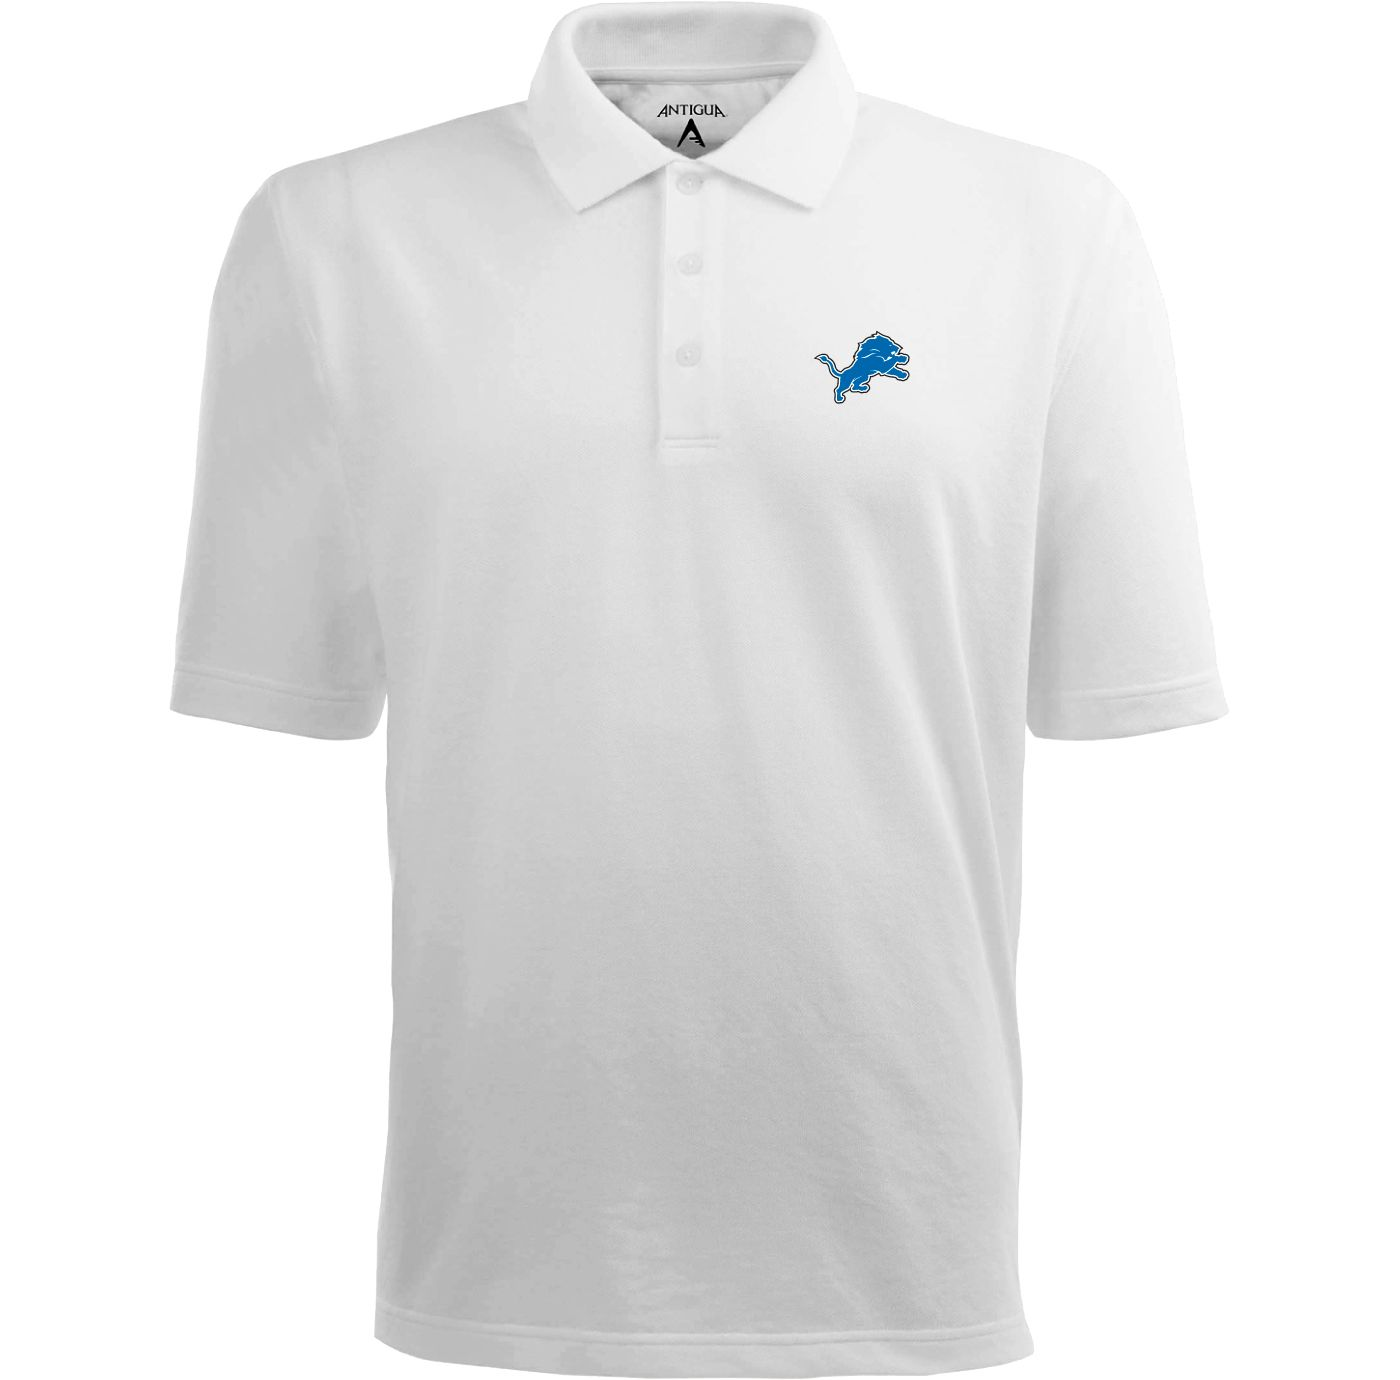 Antigua Men's Detroit Lions Pique Xtra-Lite White Polo